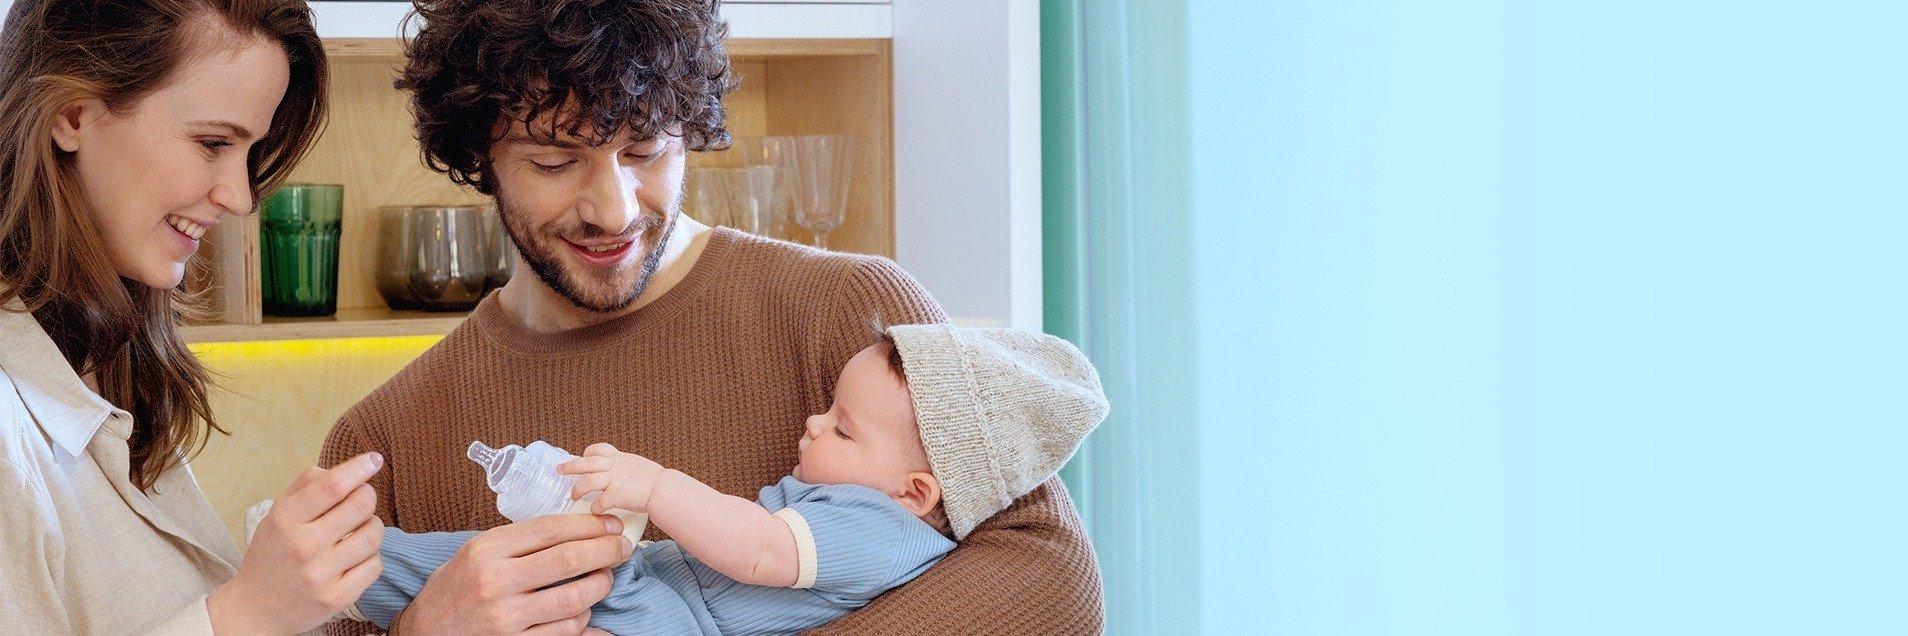 Dzień Ojca - bo tata też kocha najbardziej!